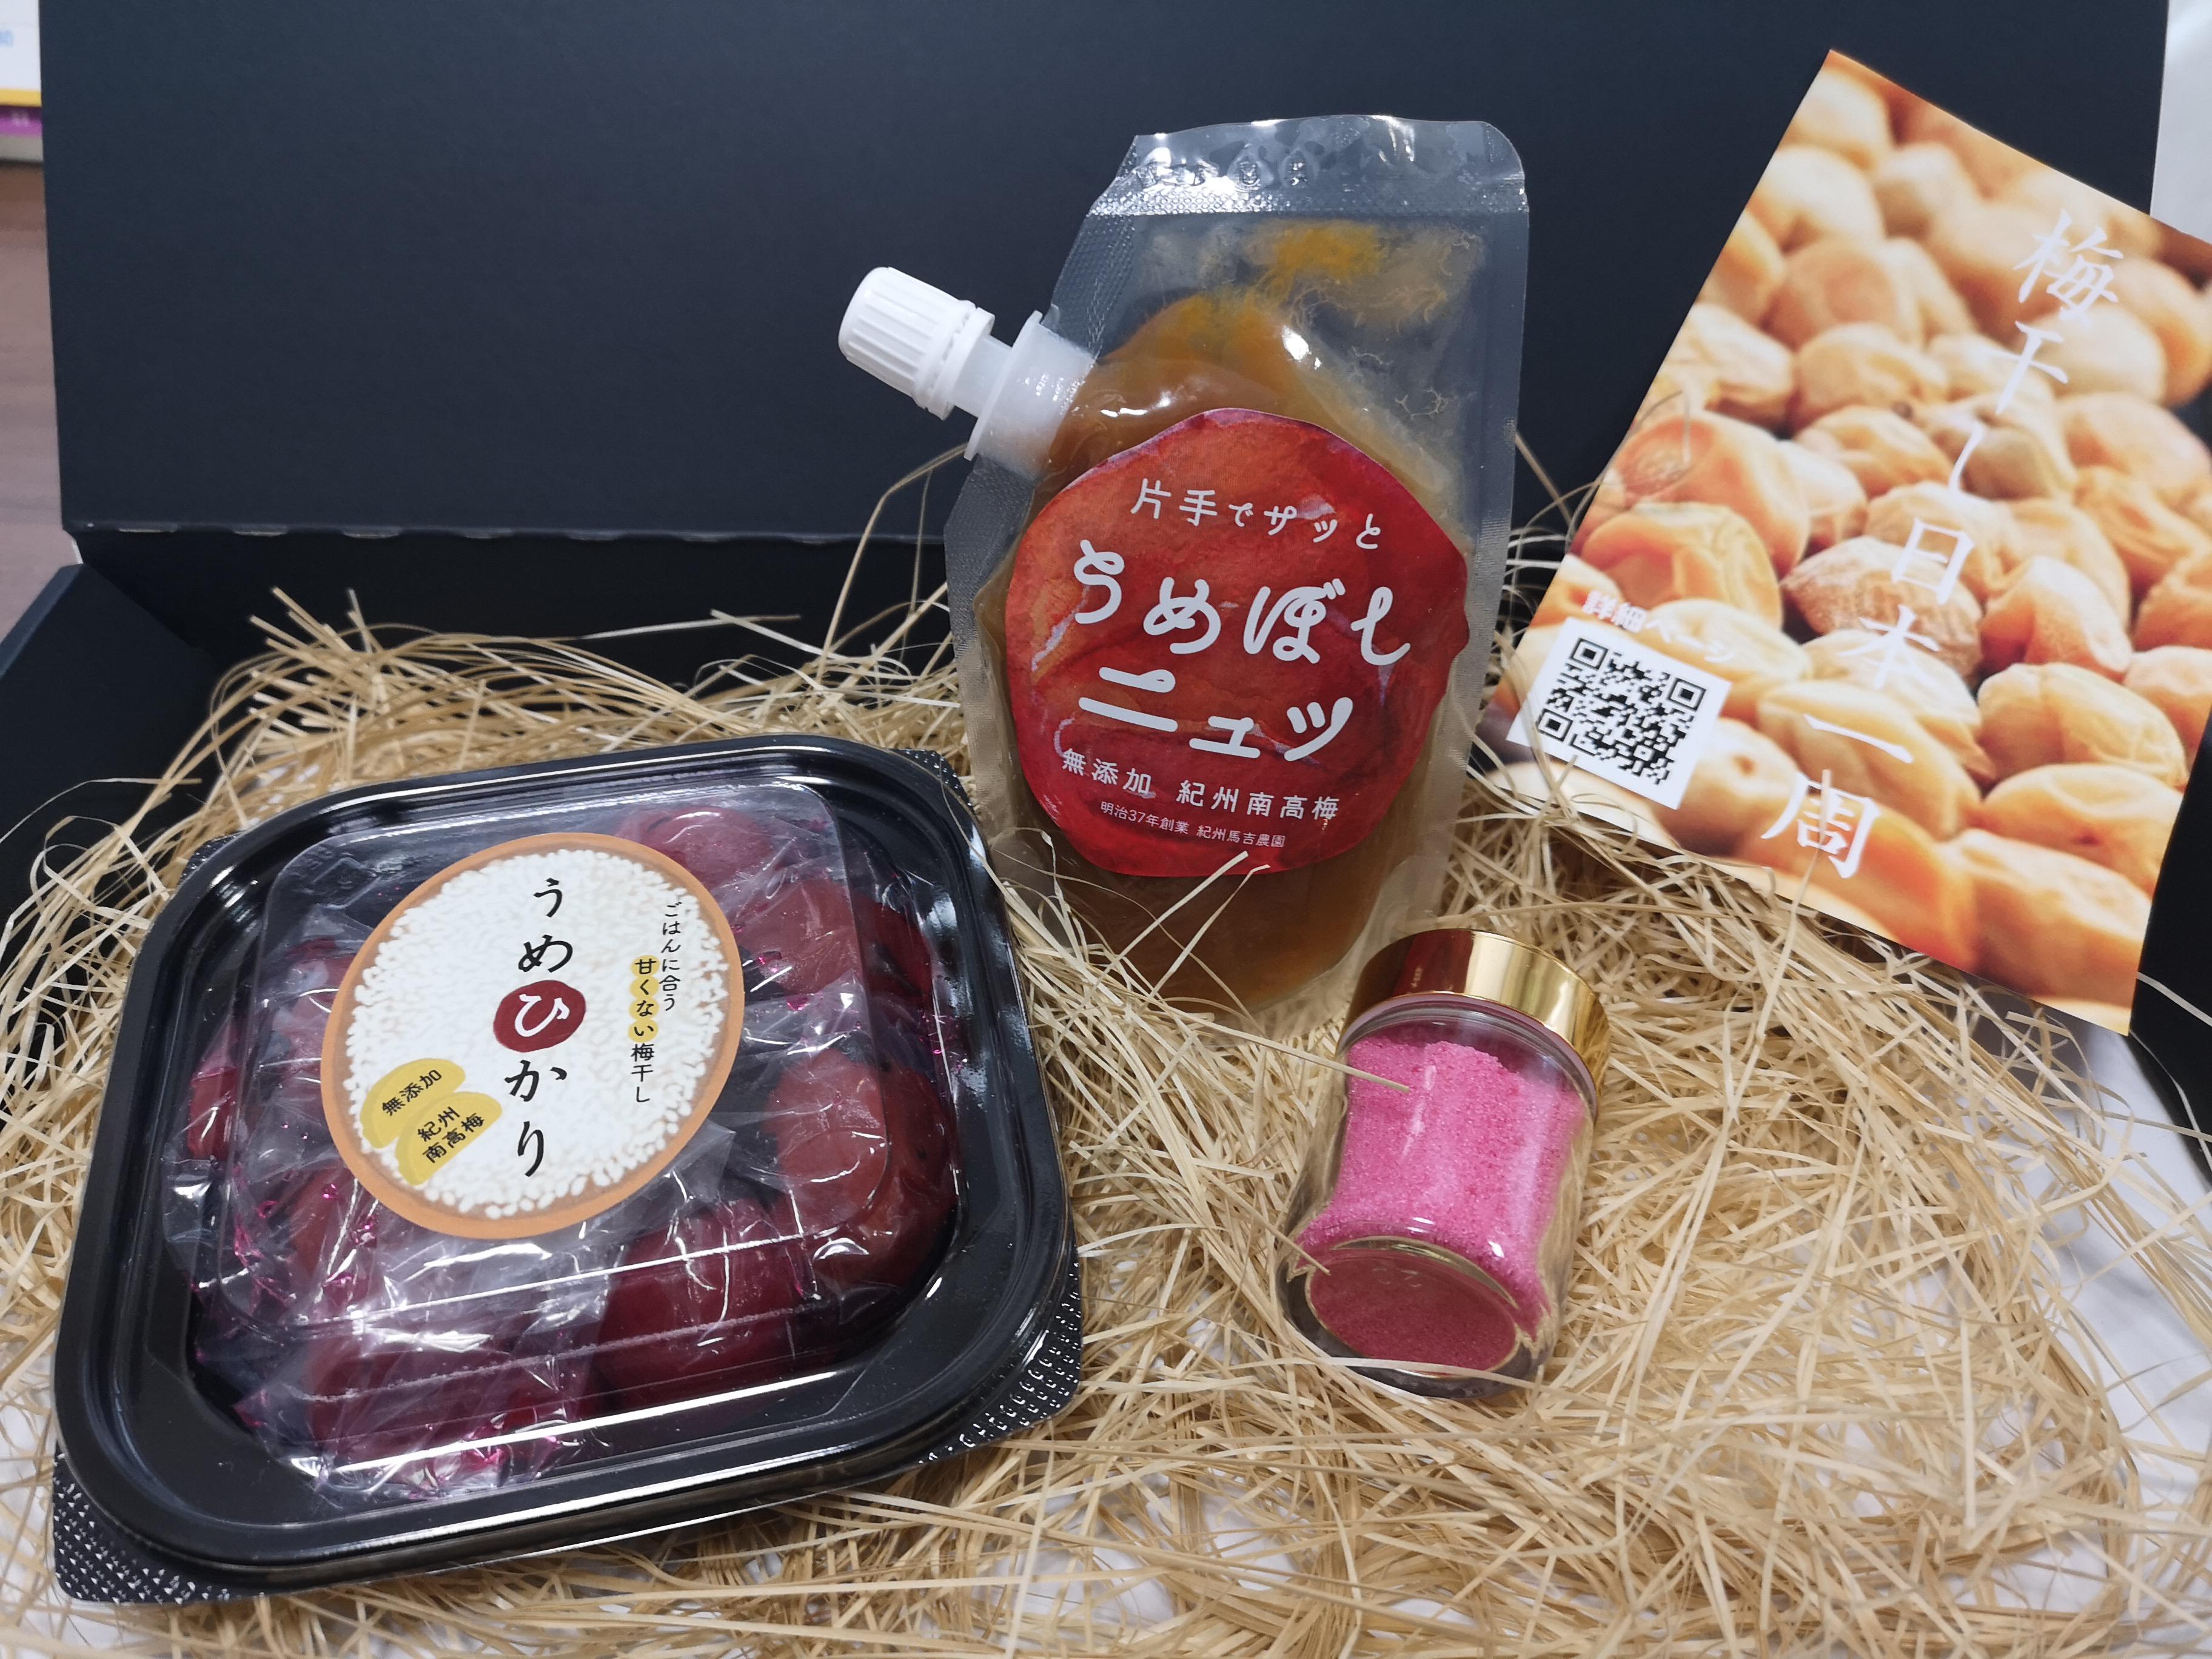 梅・紫蘇・塩のみで漬けた日本伝統の味 梅ボーイズさんの梅干し「うめひかり」